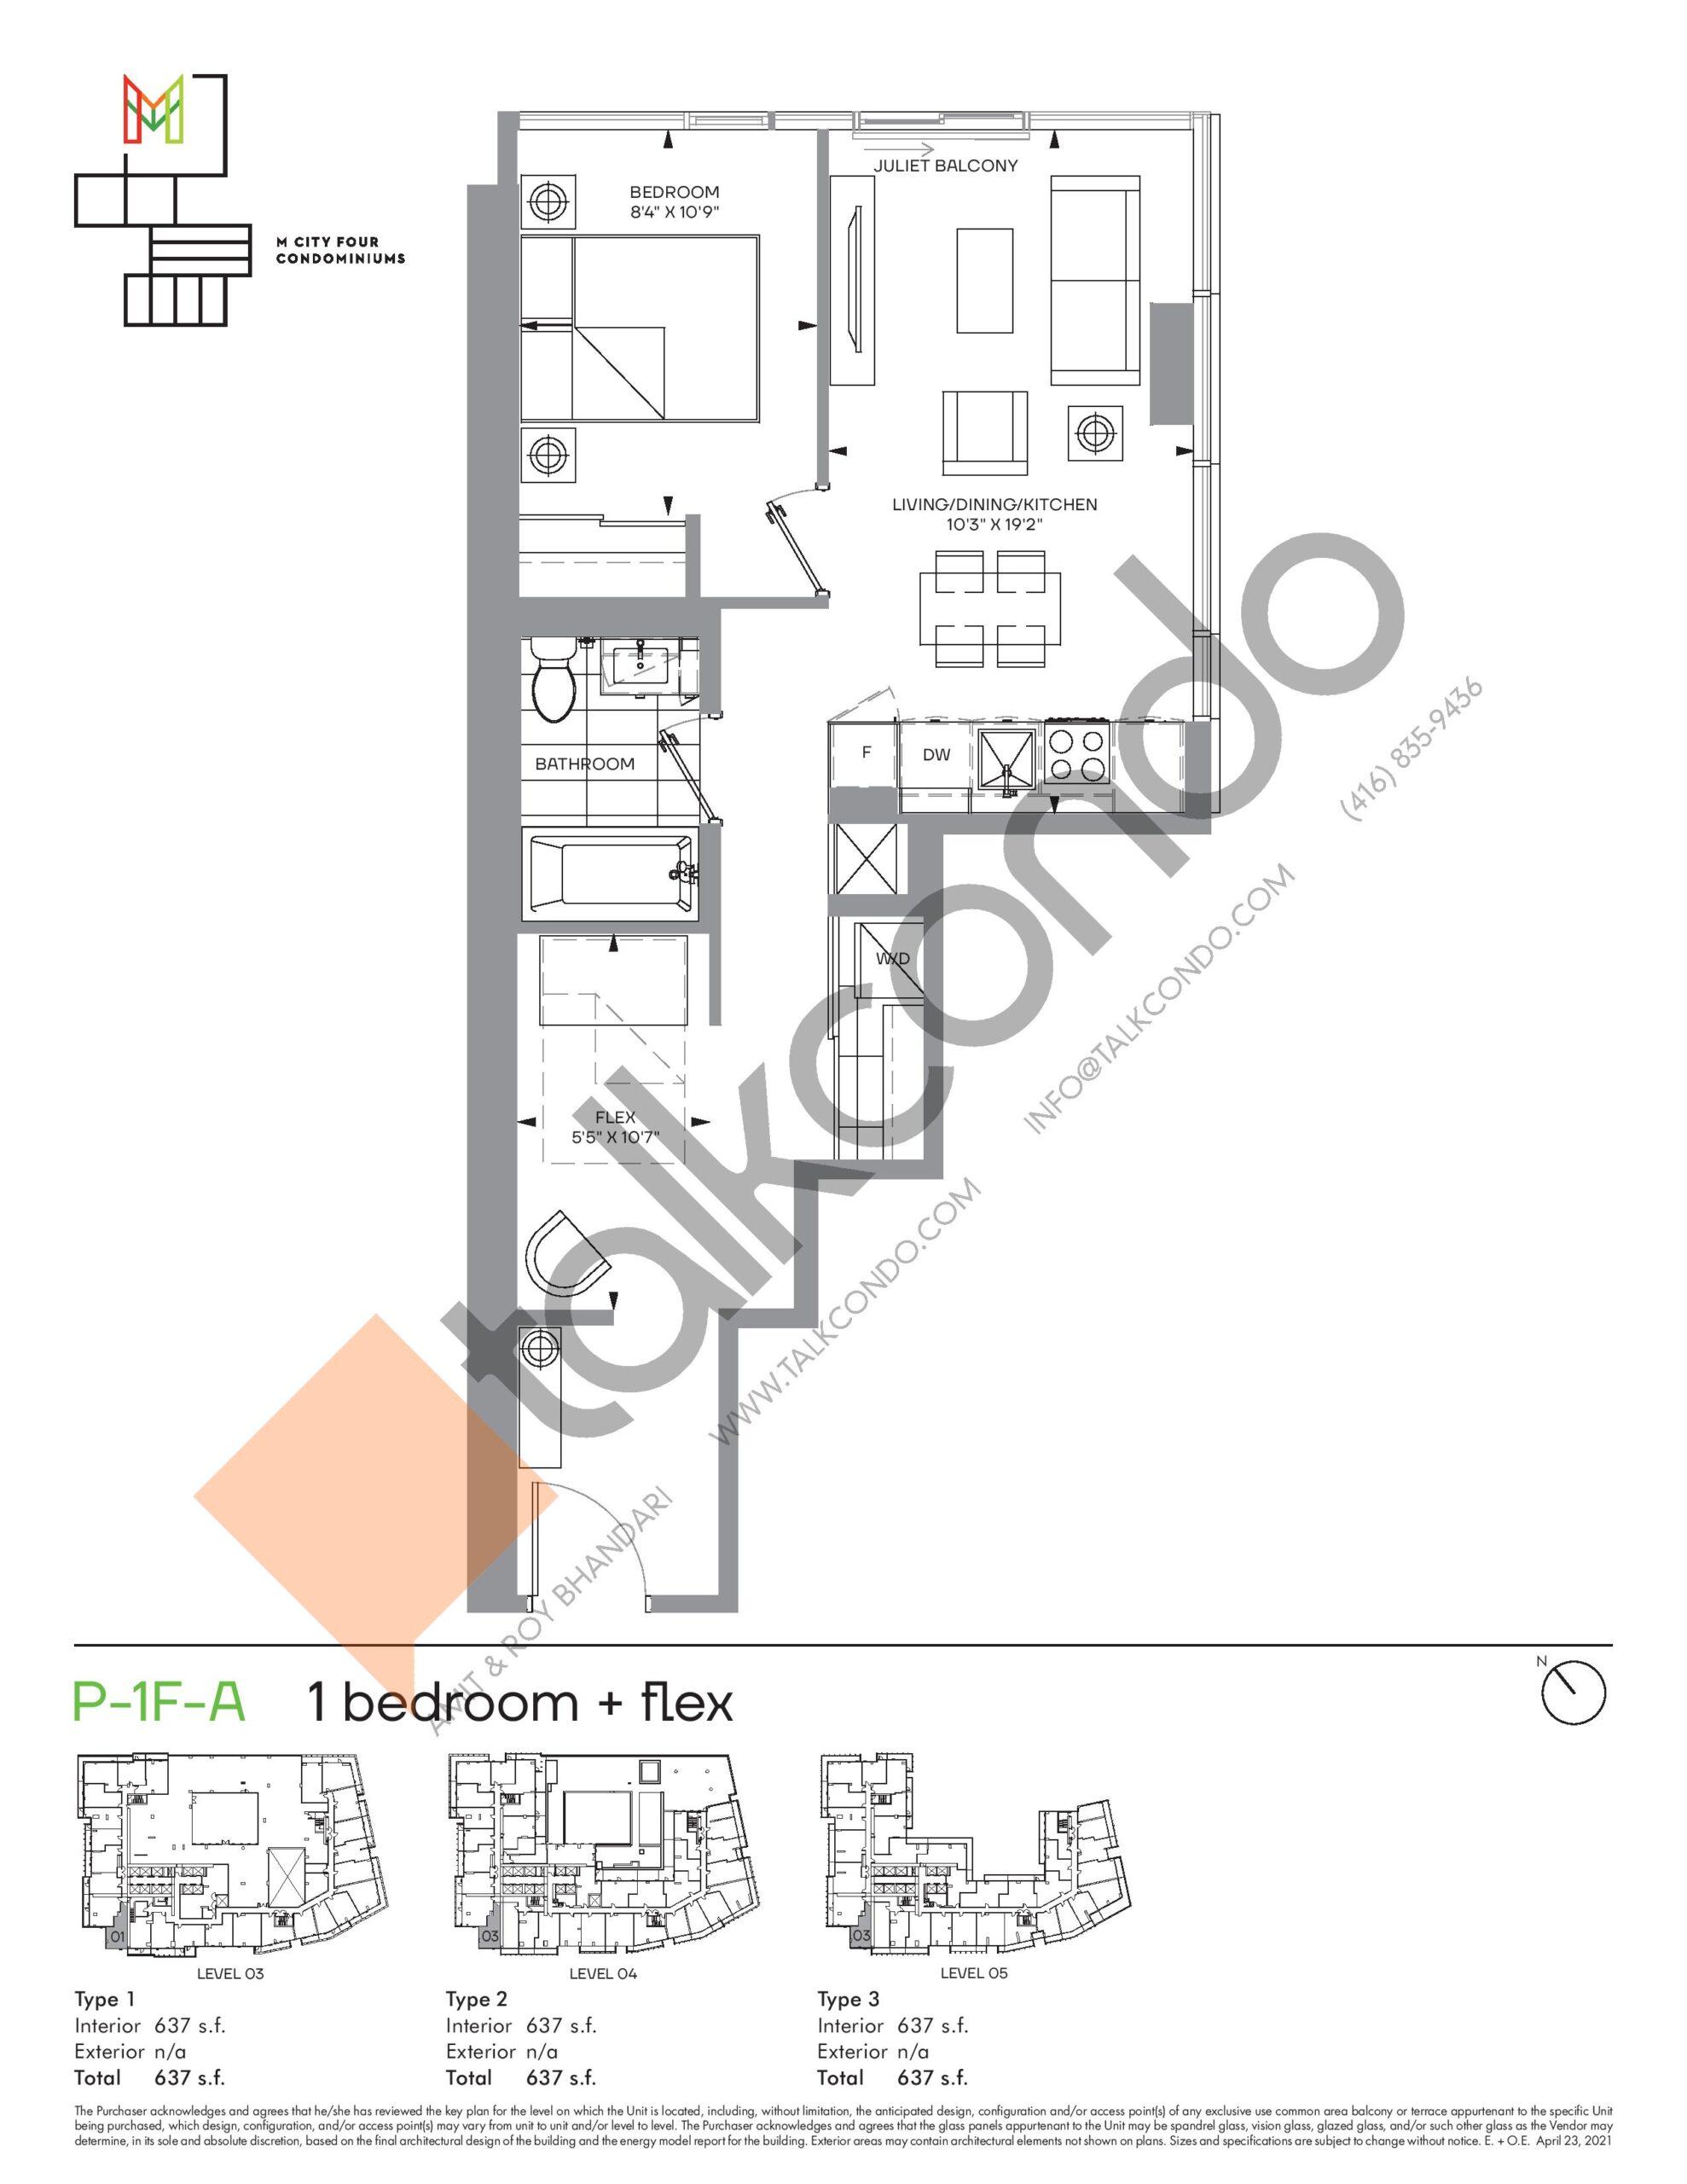 P-1F-A (Podium) Floor Plan at M4 Condos - 637 sq.ft